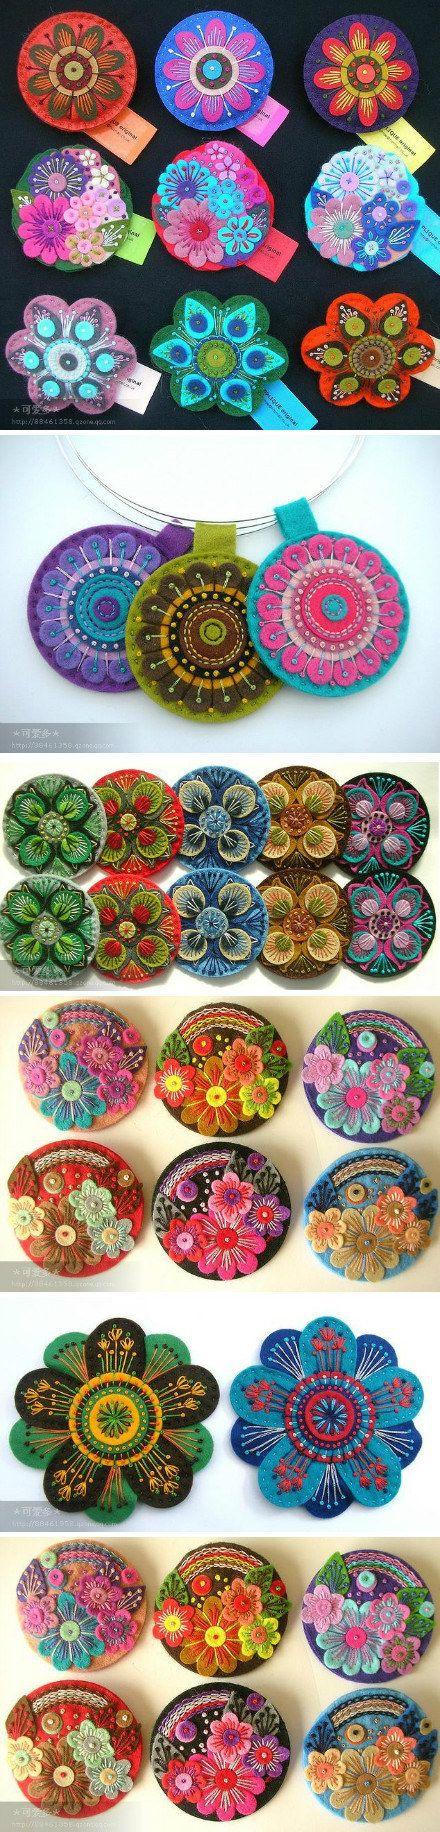 felt mandalas and flowers